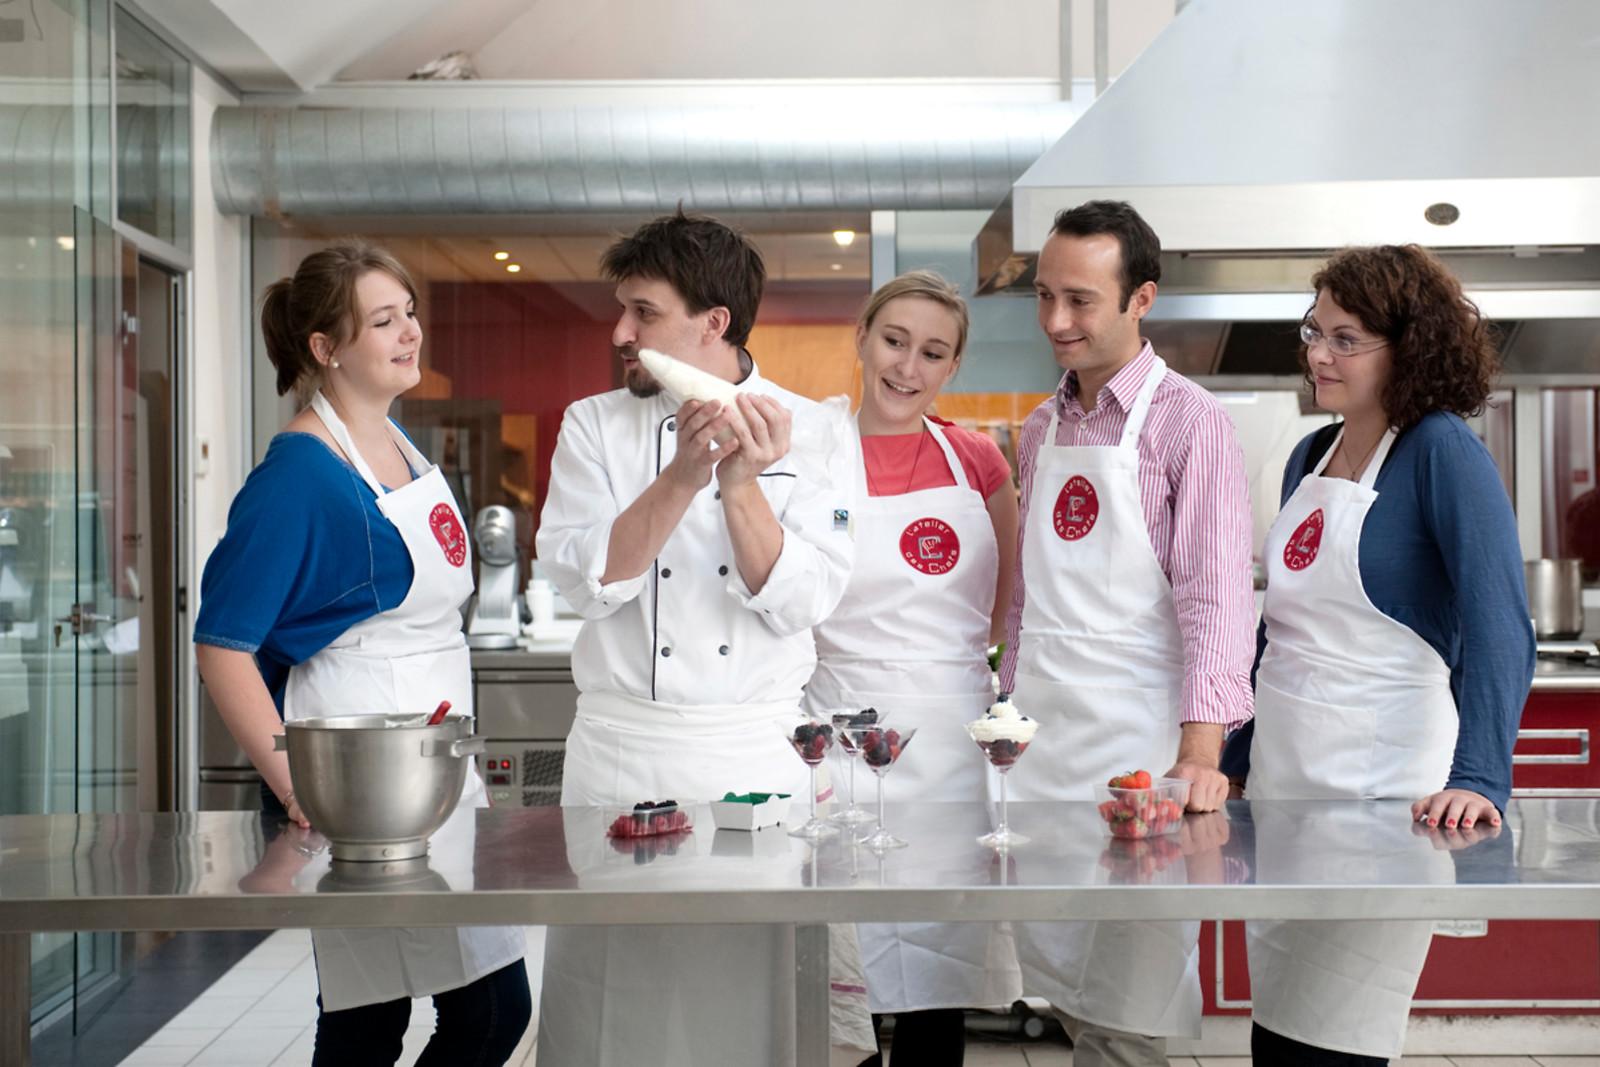 Un cours de cuisine l 39 atelier des chefs lyon 69 - Cours de cuisine lyon ...